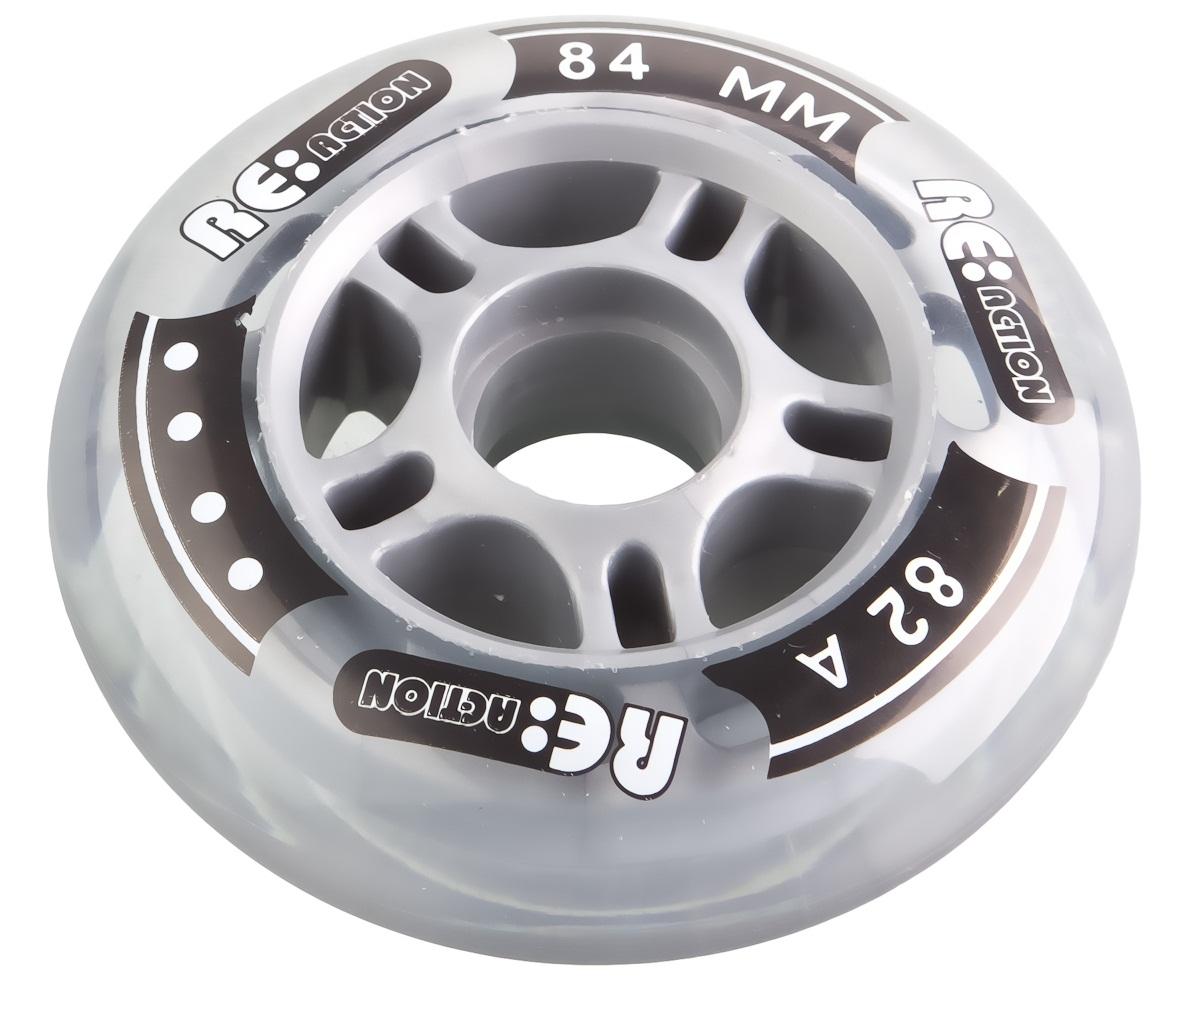 Reaction Набор колес для роликов REACTION 84 мм, 82А, 4 шт